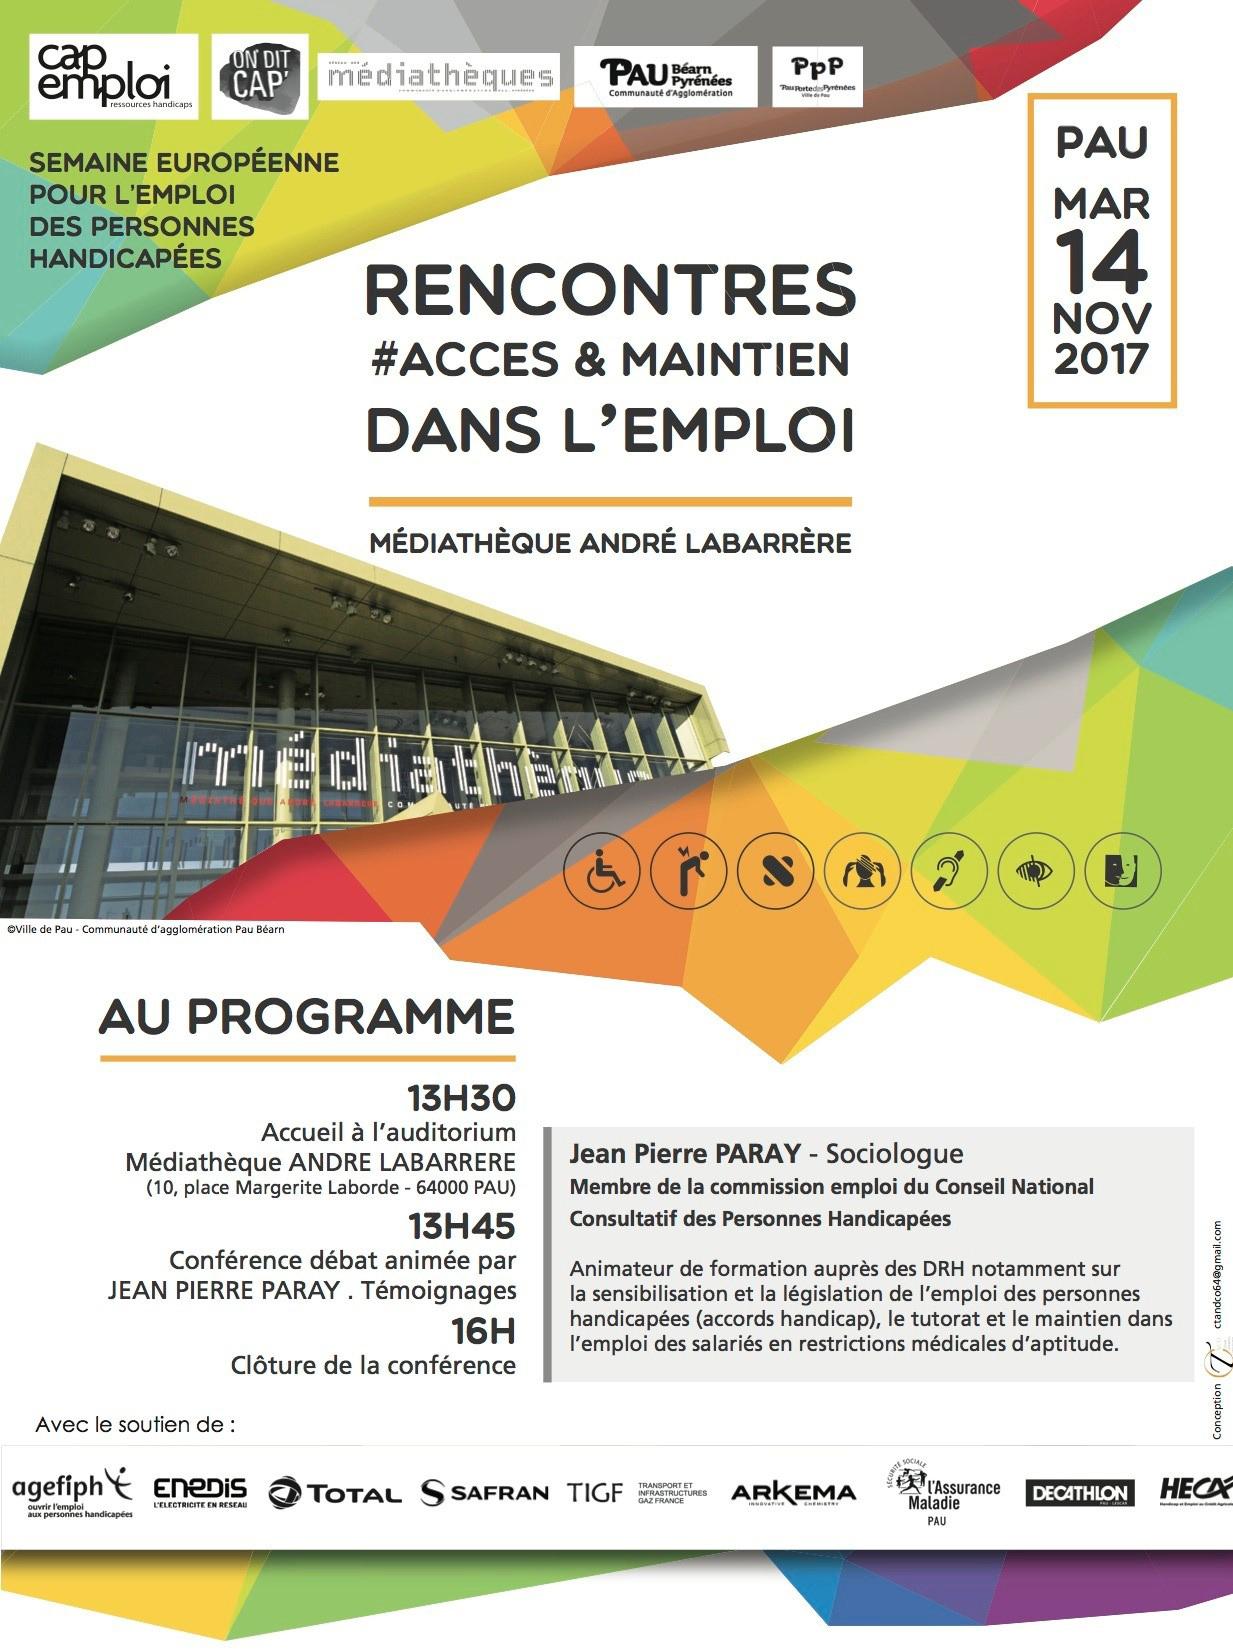 Conférences et débats SEPH animés par Jean Pierre Paray